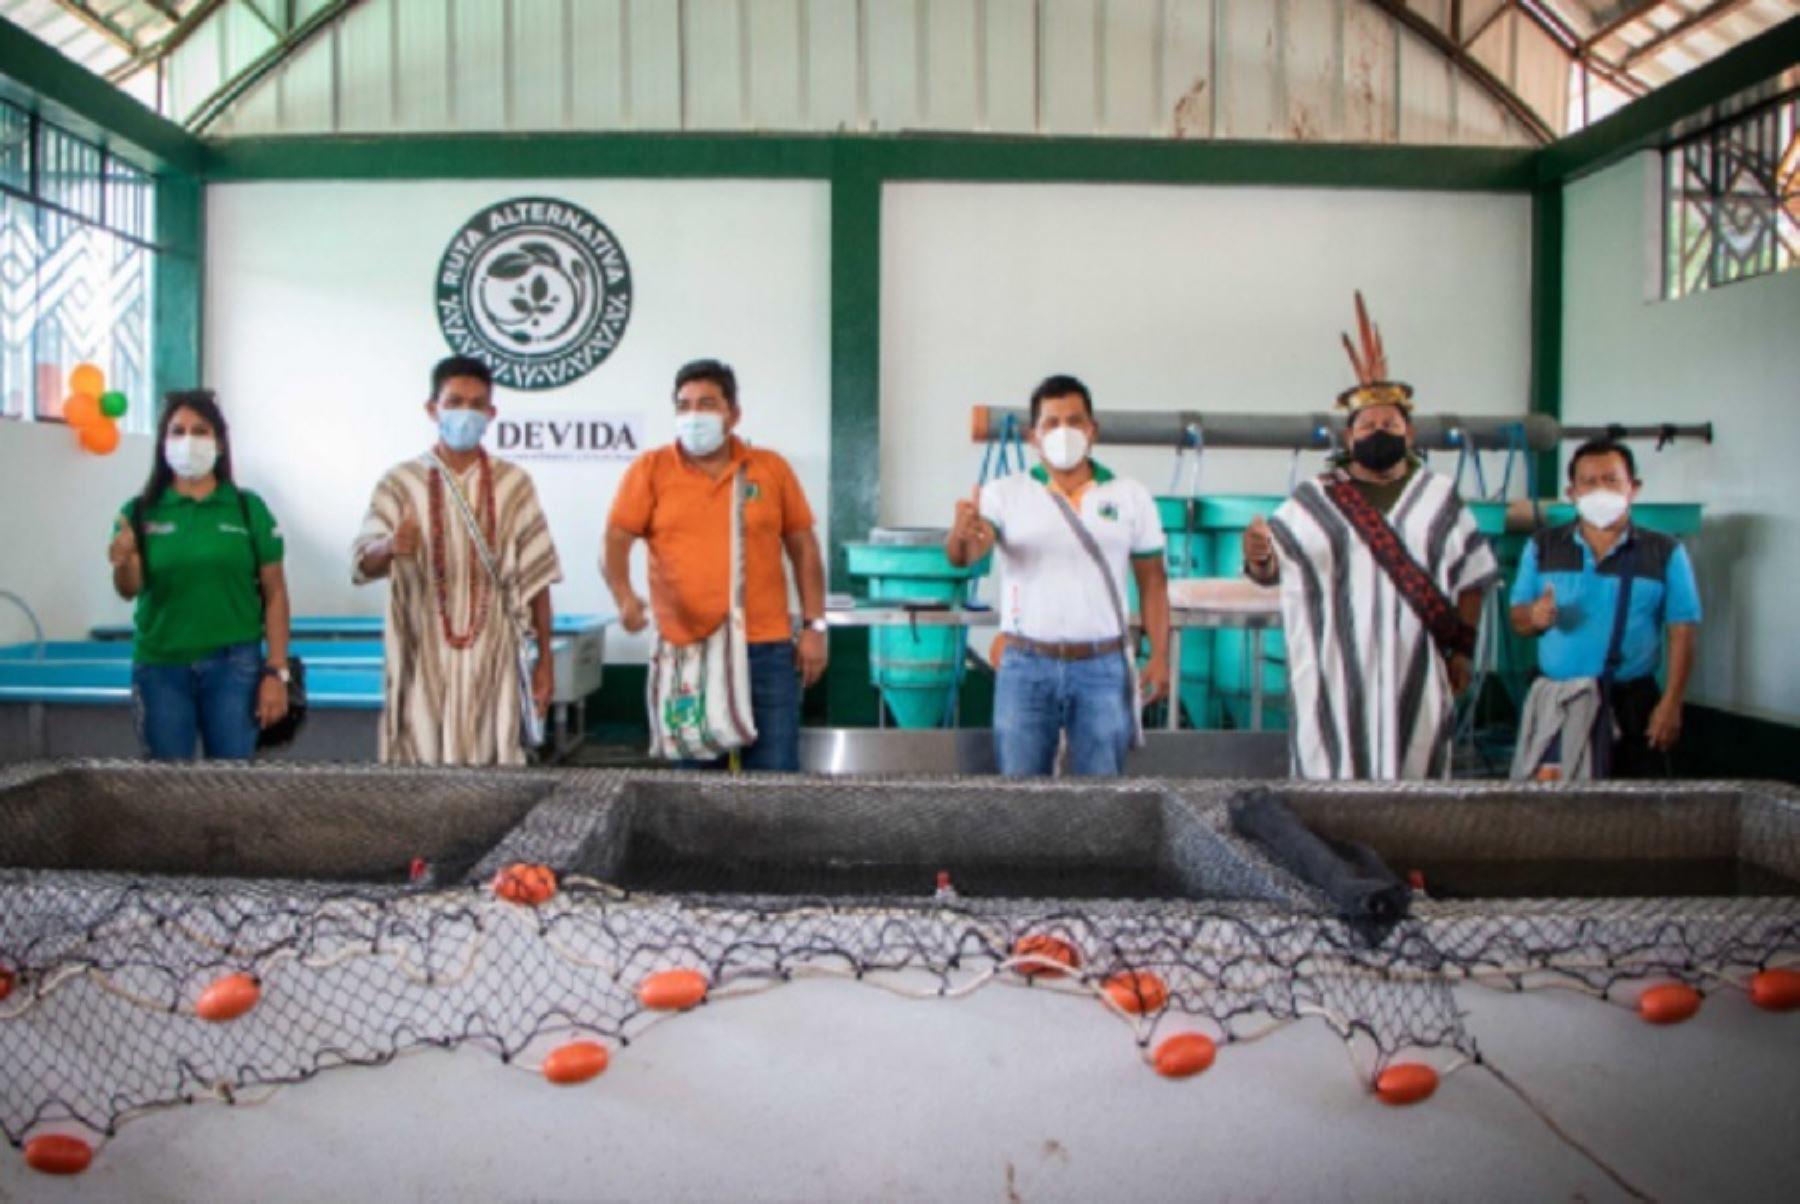 Con el propósito de optimizar la cadena productiva de peces y contribuir con la seguridad alimentaria en el norte del Valle de los Ríos Apurímac, Ene y Mantaro (Vraem), Devida y la Municipalidad Distrital de Río Tambo, en la región Junín, inauguraron un laboratorio de reproducción de peces amazónicos con capacidad de producción de más de 2 millones de alevinos.